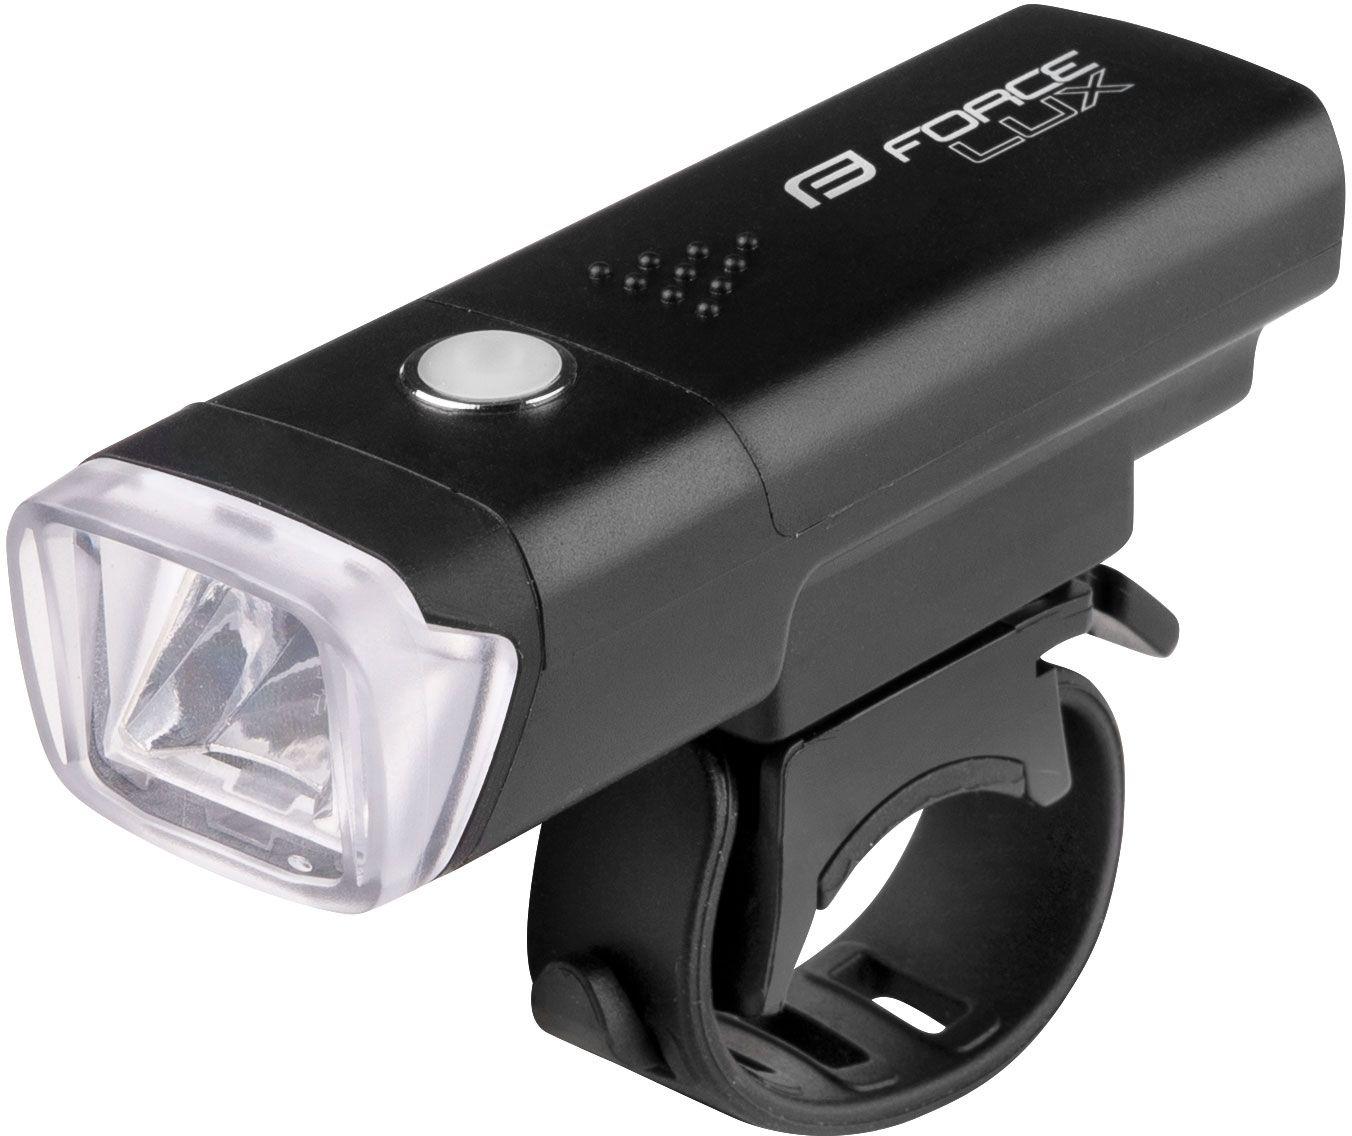 FORCE RAY Lampka rowerowa przednia USB biała 45165,8592627136948